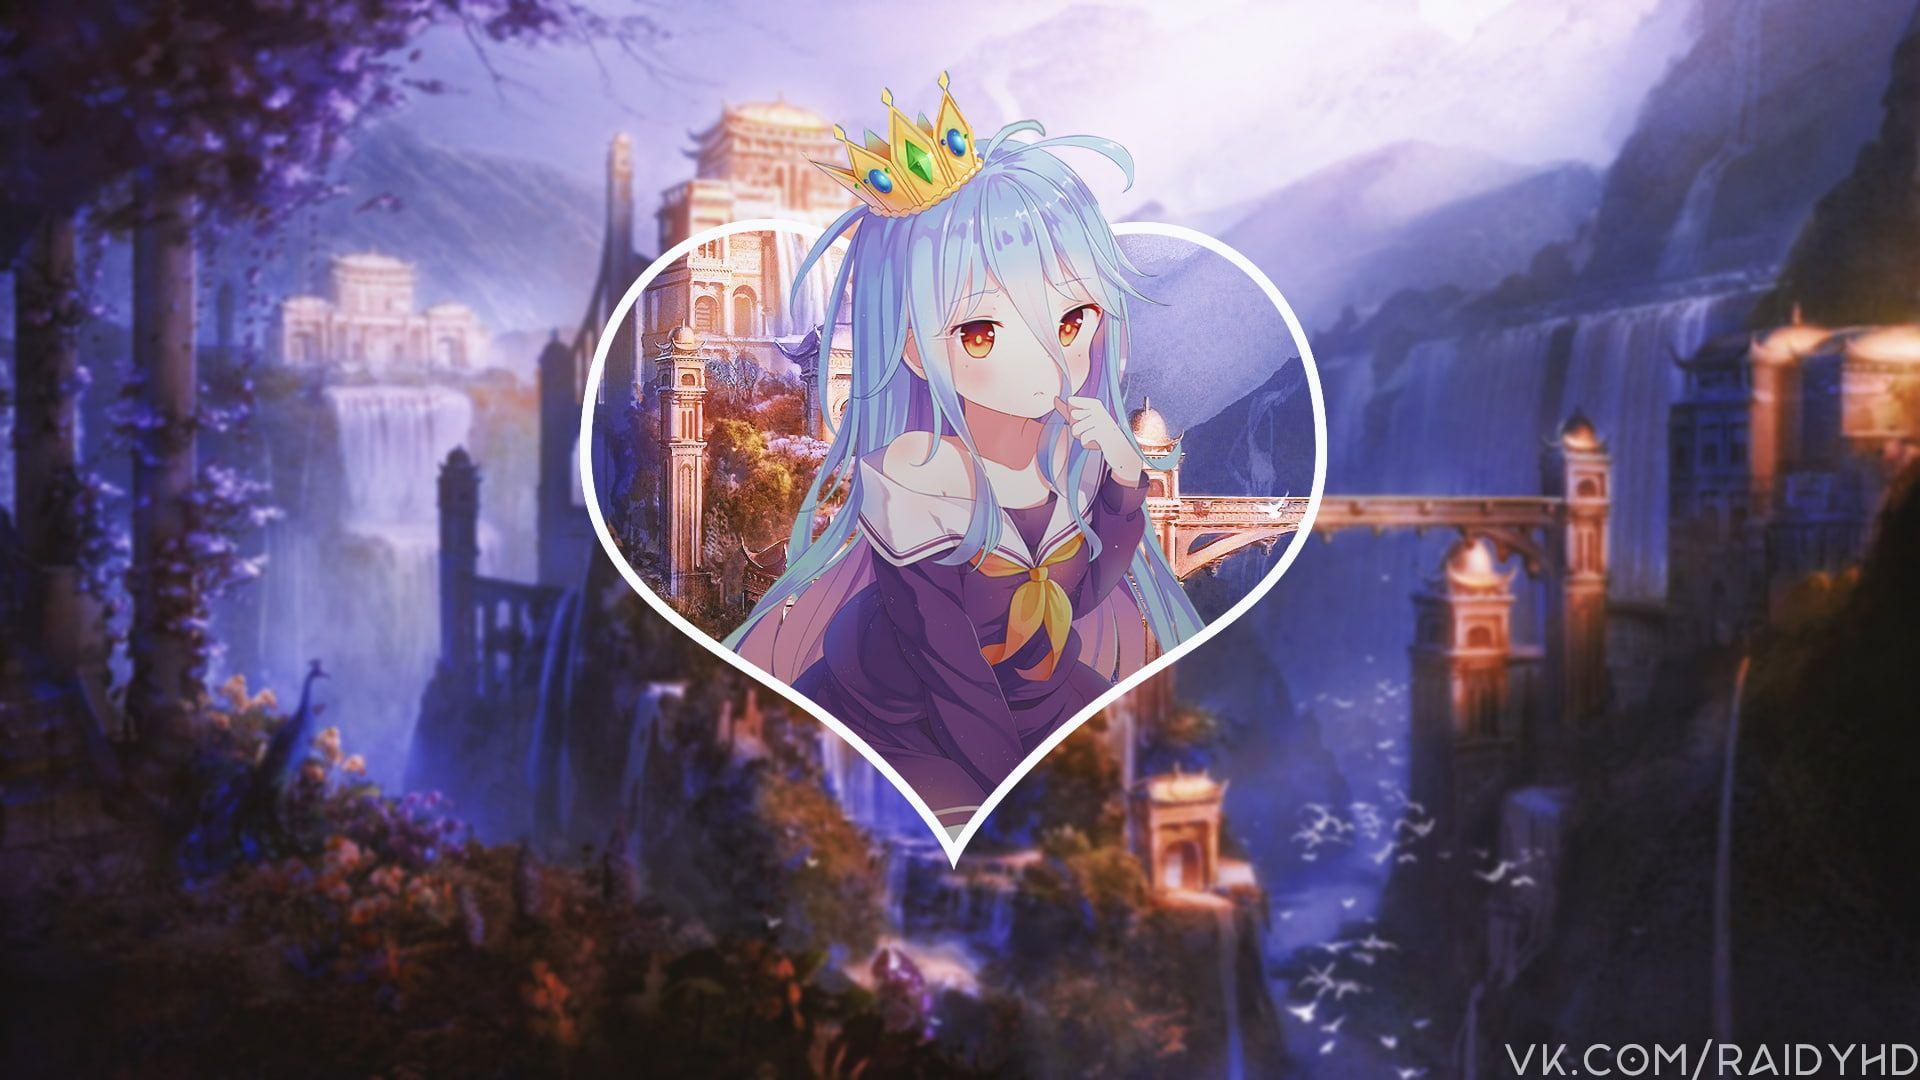 anime anime girls pictureinpicture Shiro (No Game No